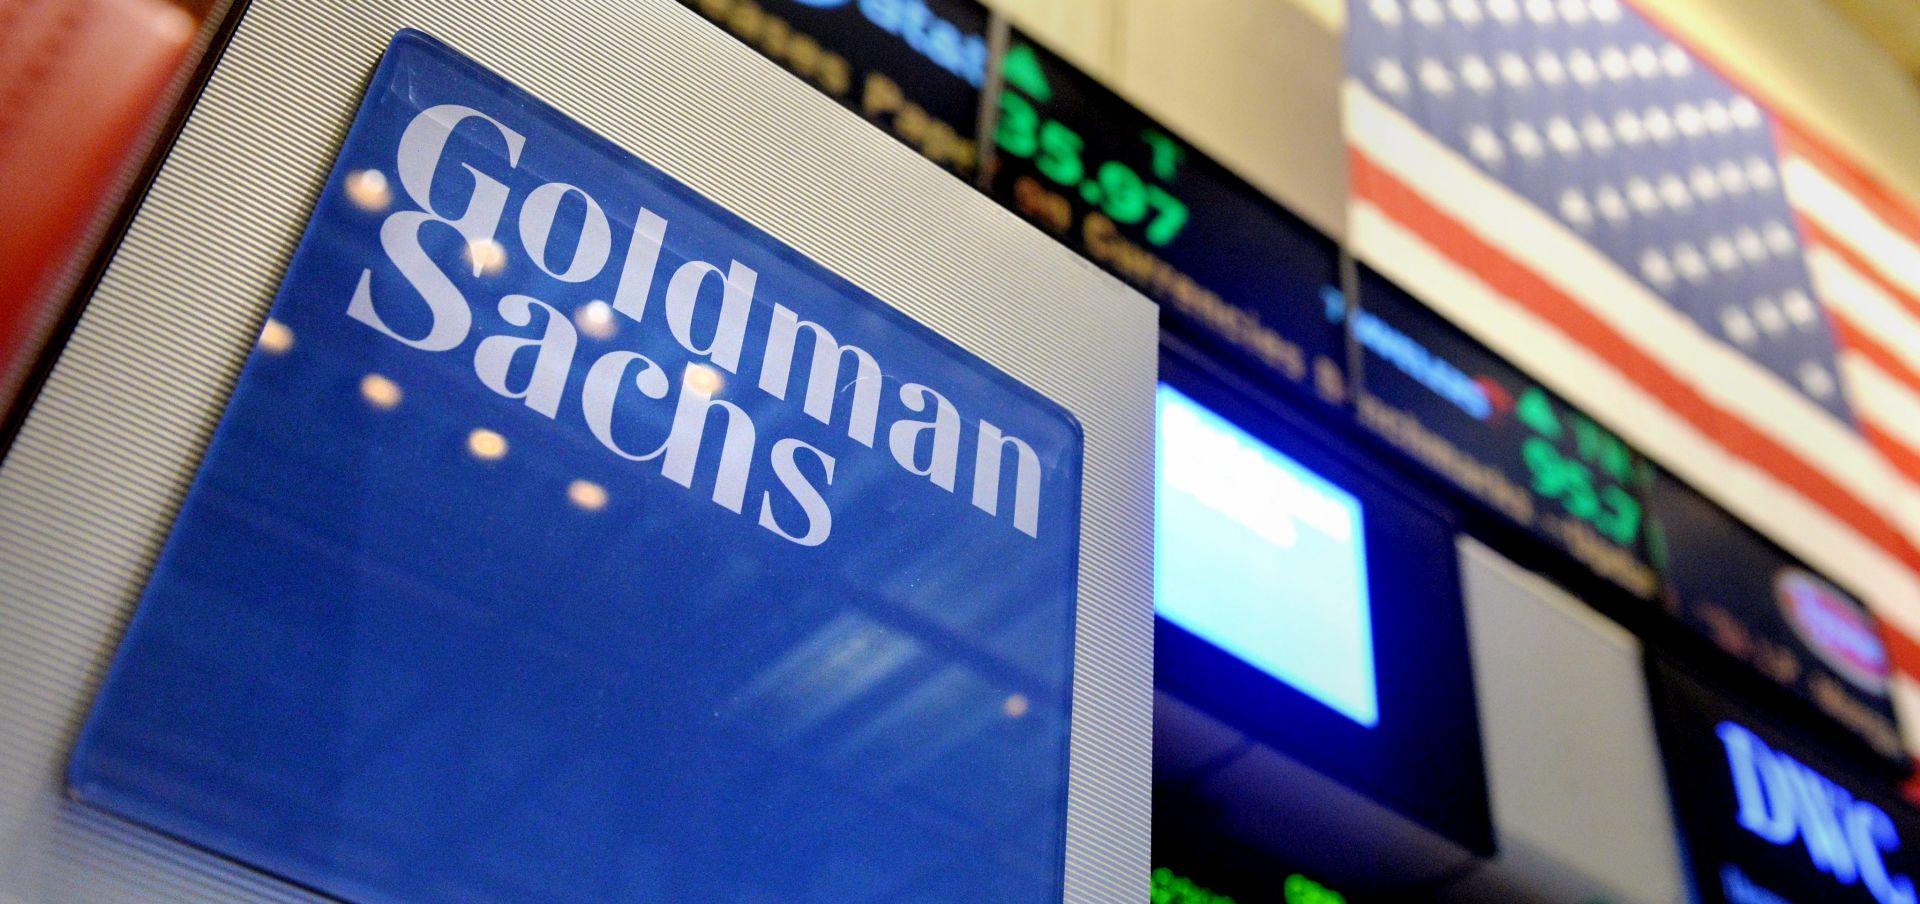 Goldman Sachs platit će više od 5 milijardi dolara zbog problematičnih kredita